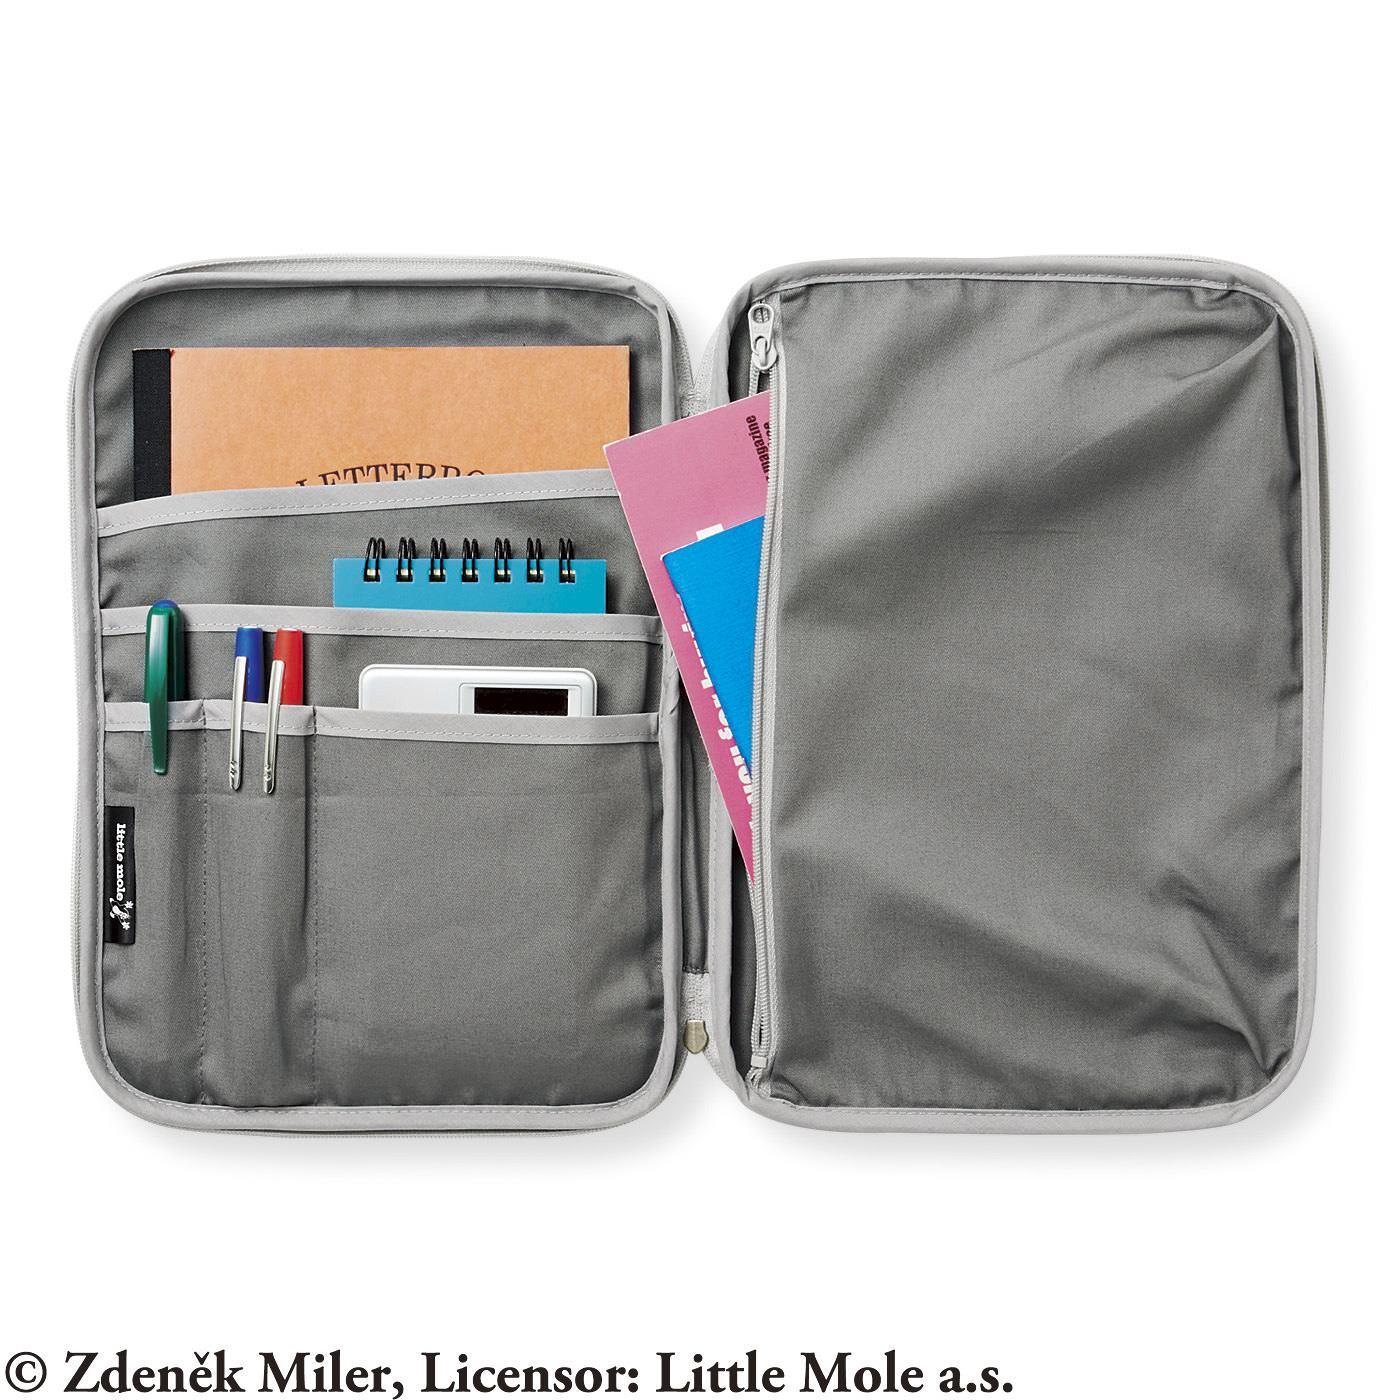 〈内側〉筆記用具や電卓などを分類しやすい5つのポケットとファスナーポケット。